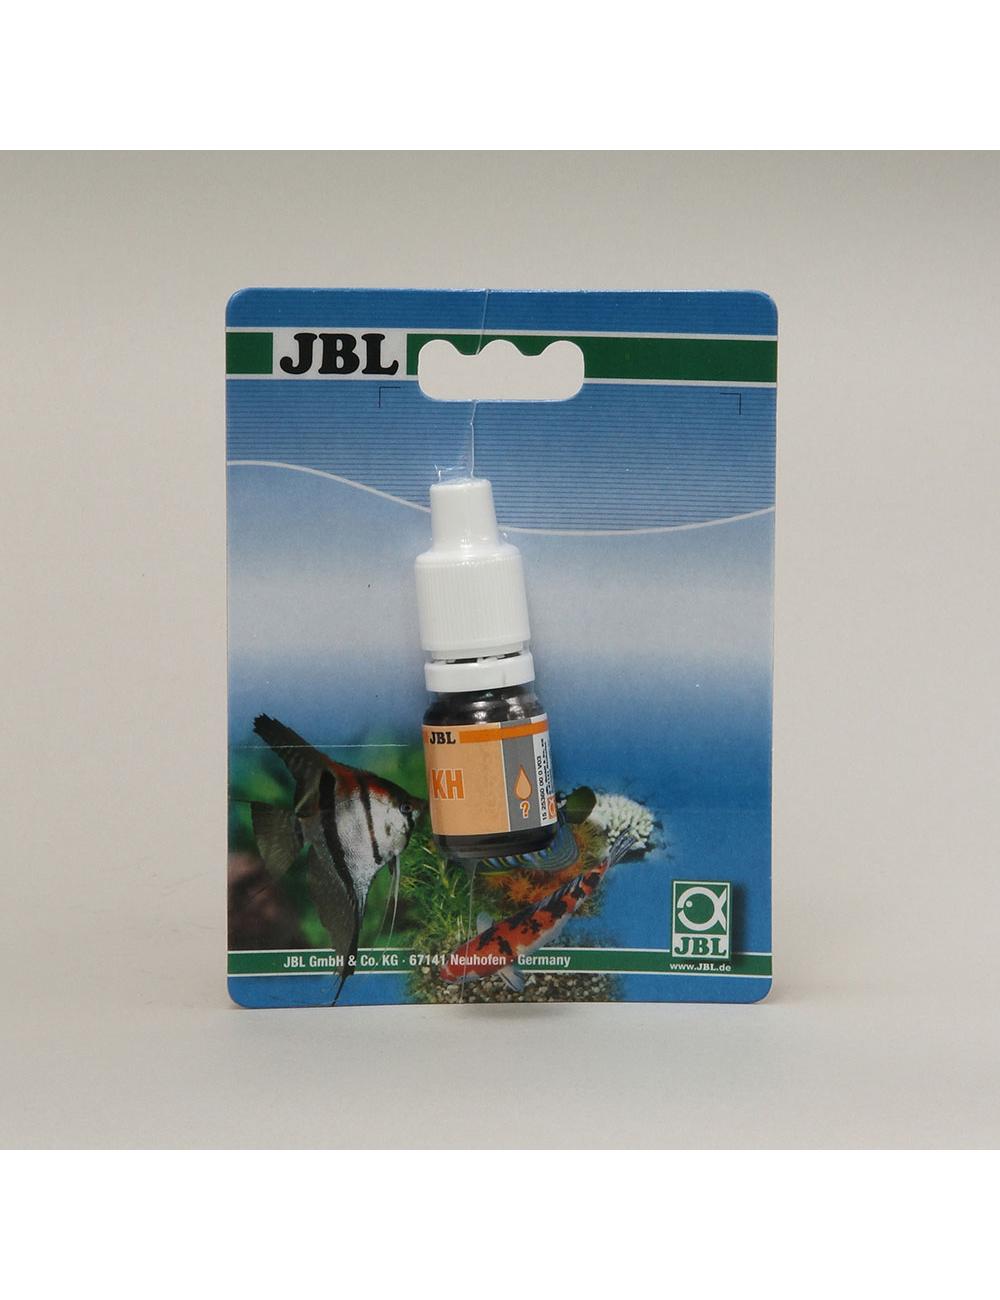 JBL - Test Kh - Dureté Carbonatée